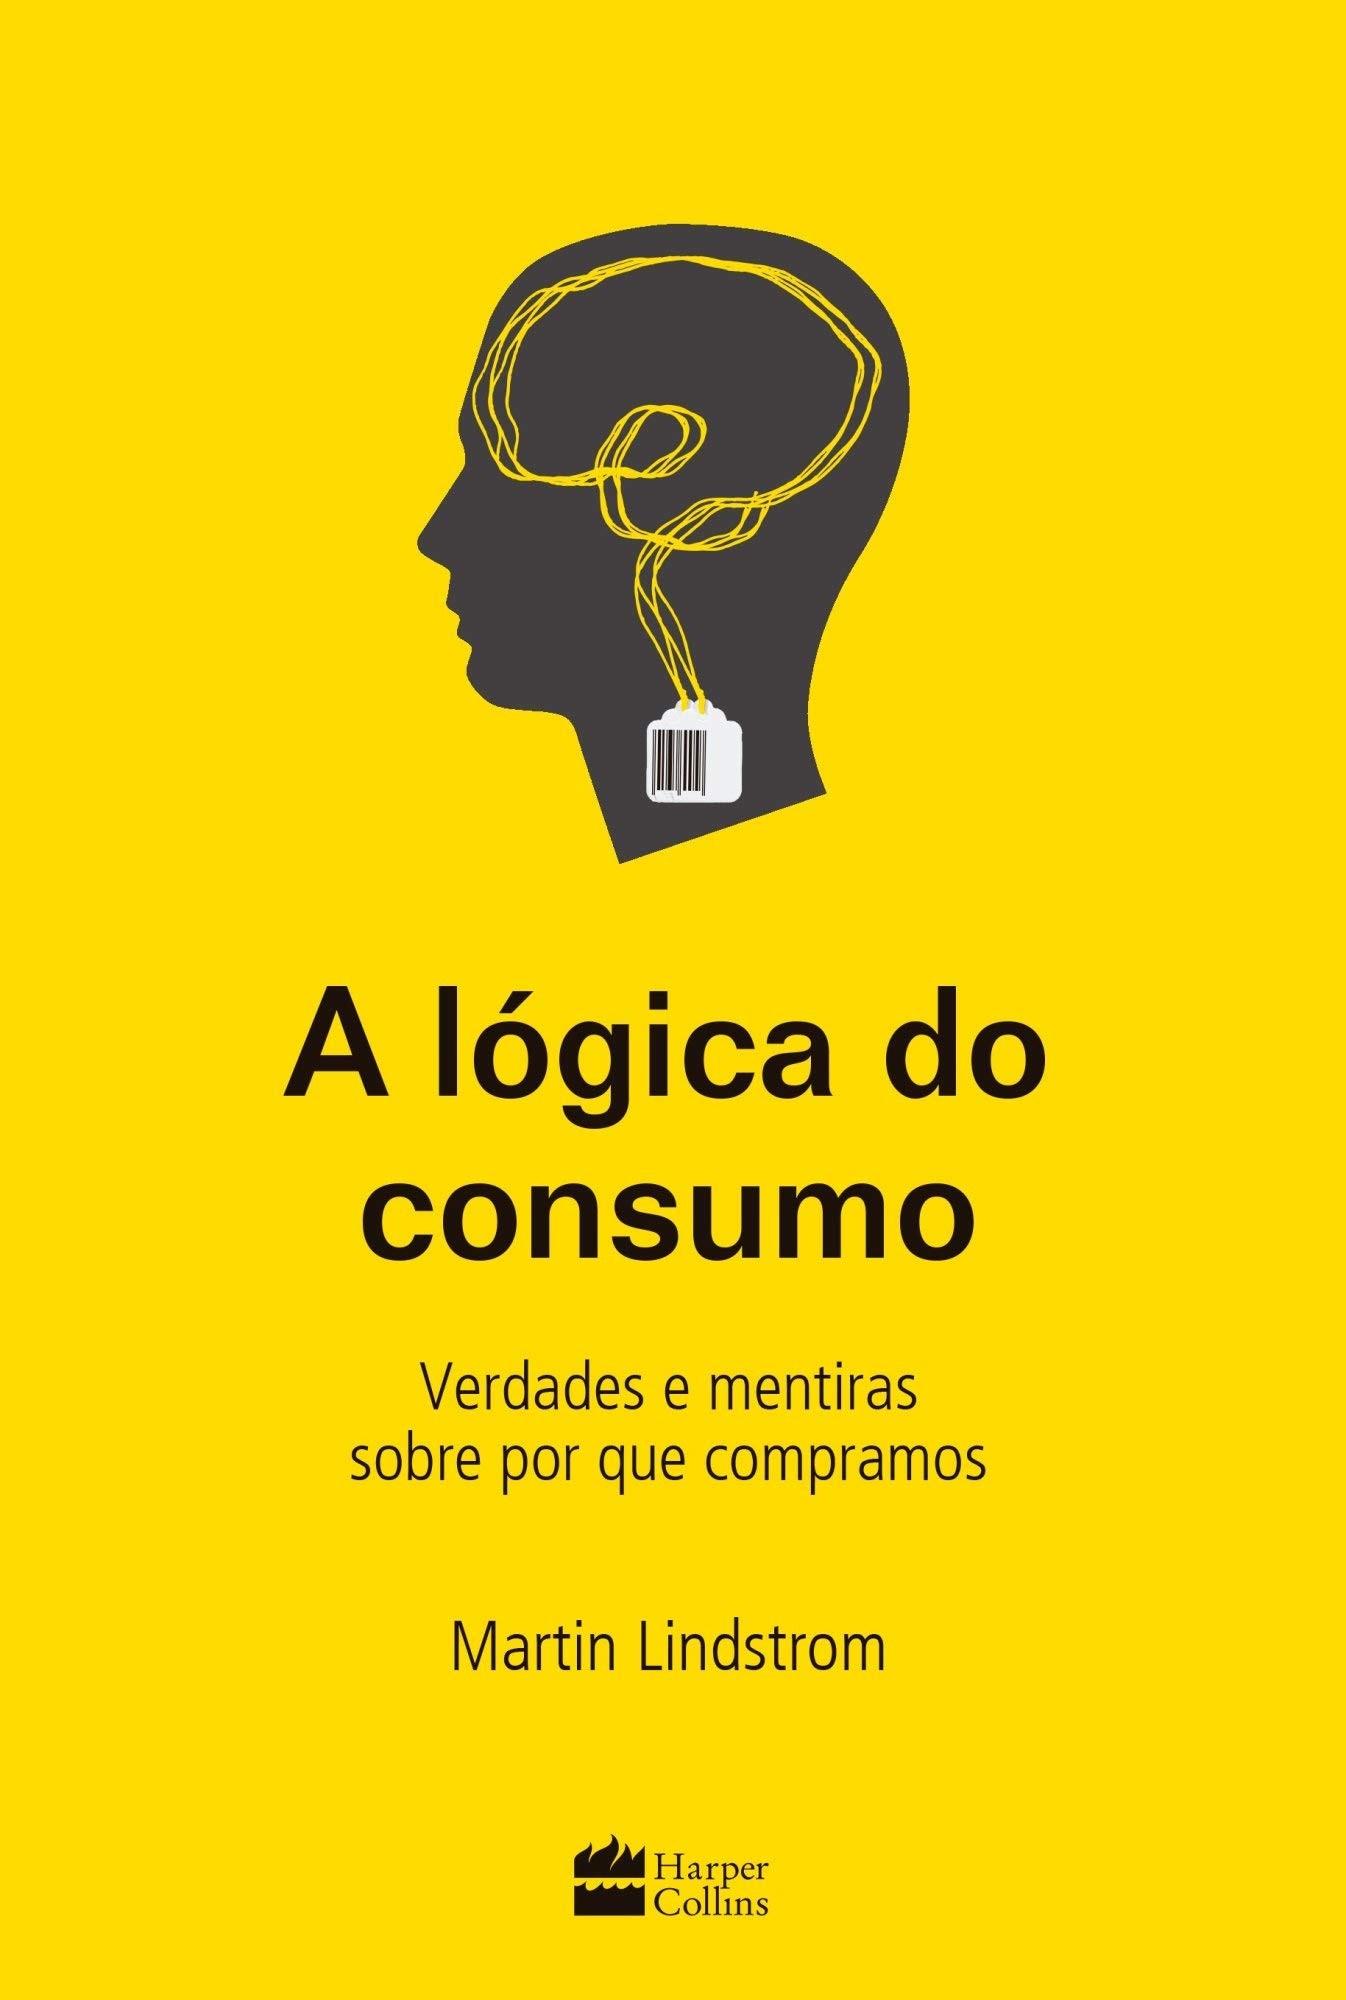 LOGICA DO CONSUMO, A - VERDADES E MENTIRAS SOBRE POR QUE COMPRAMOS